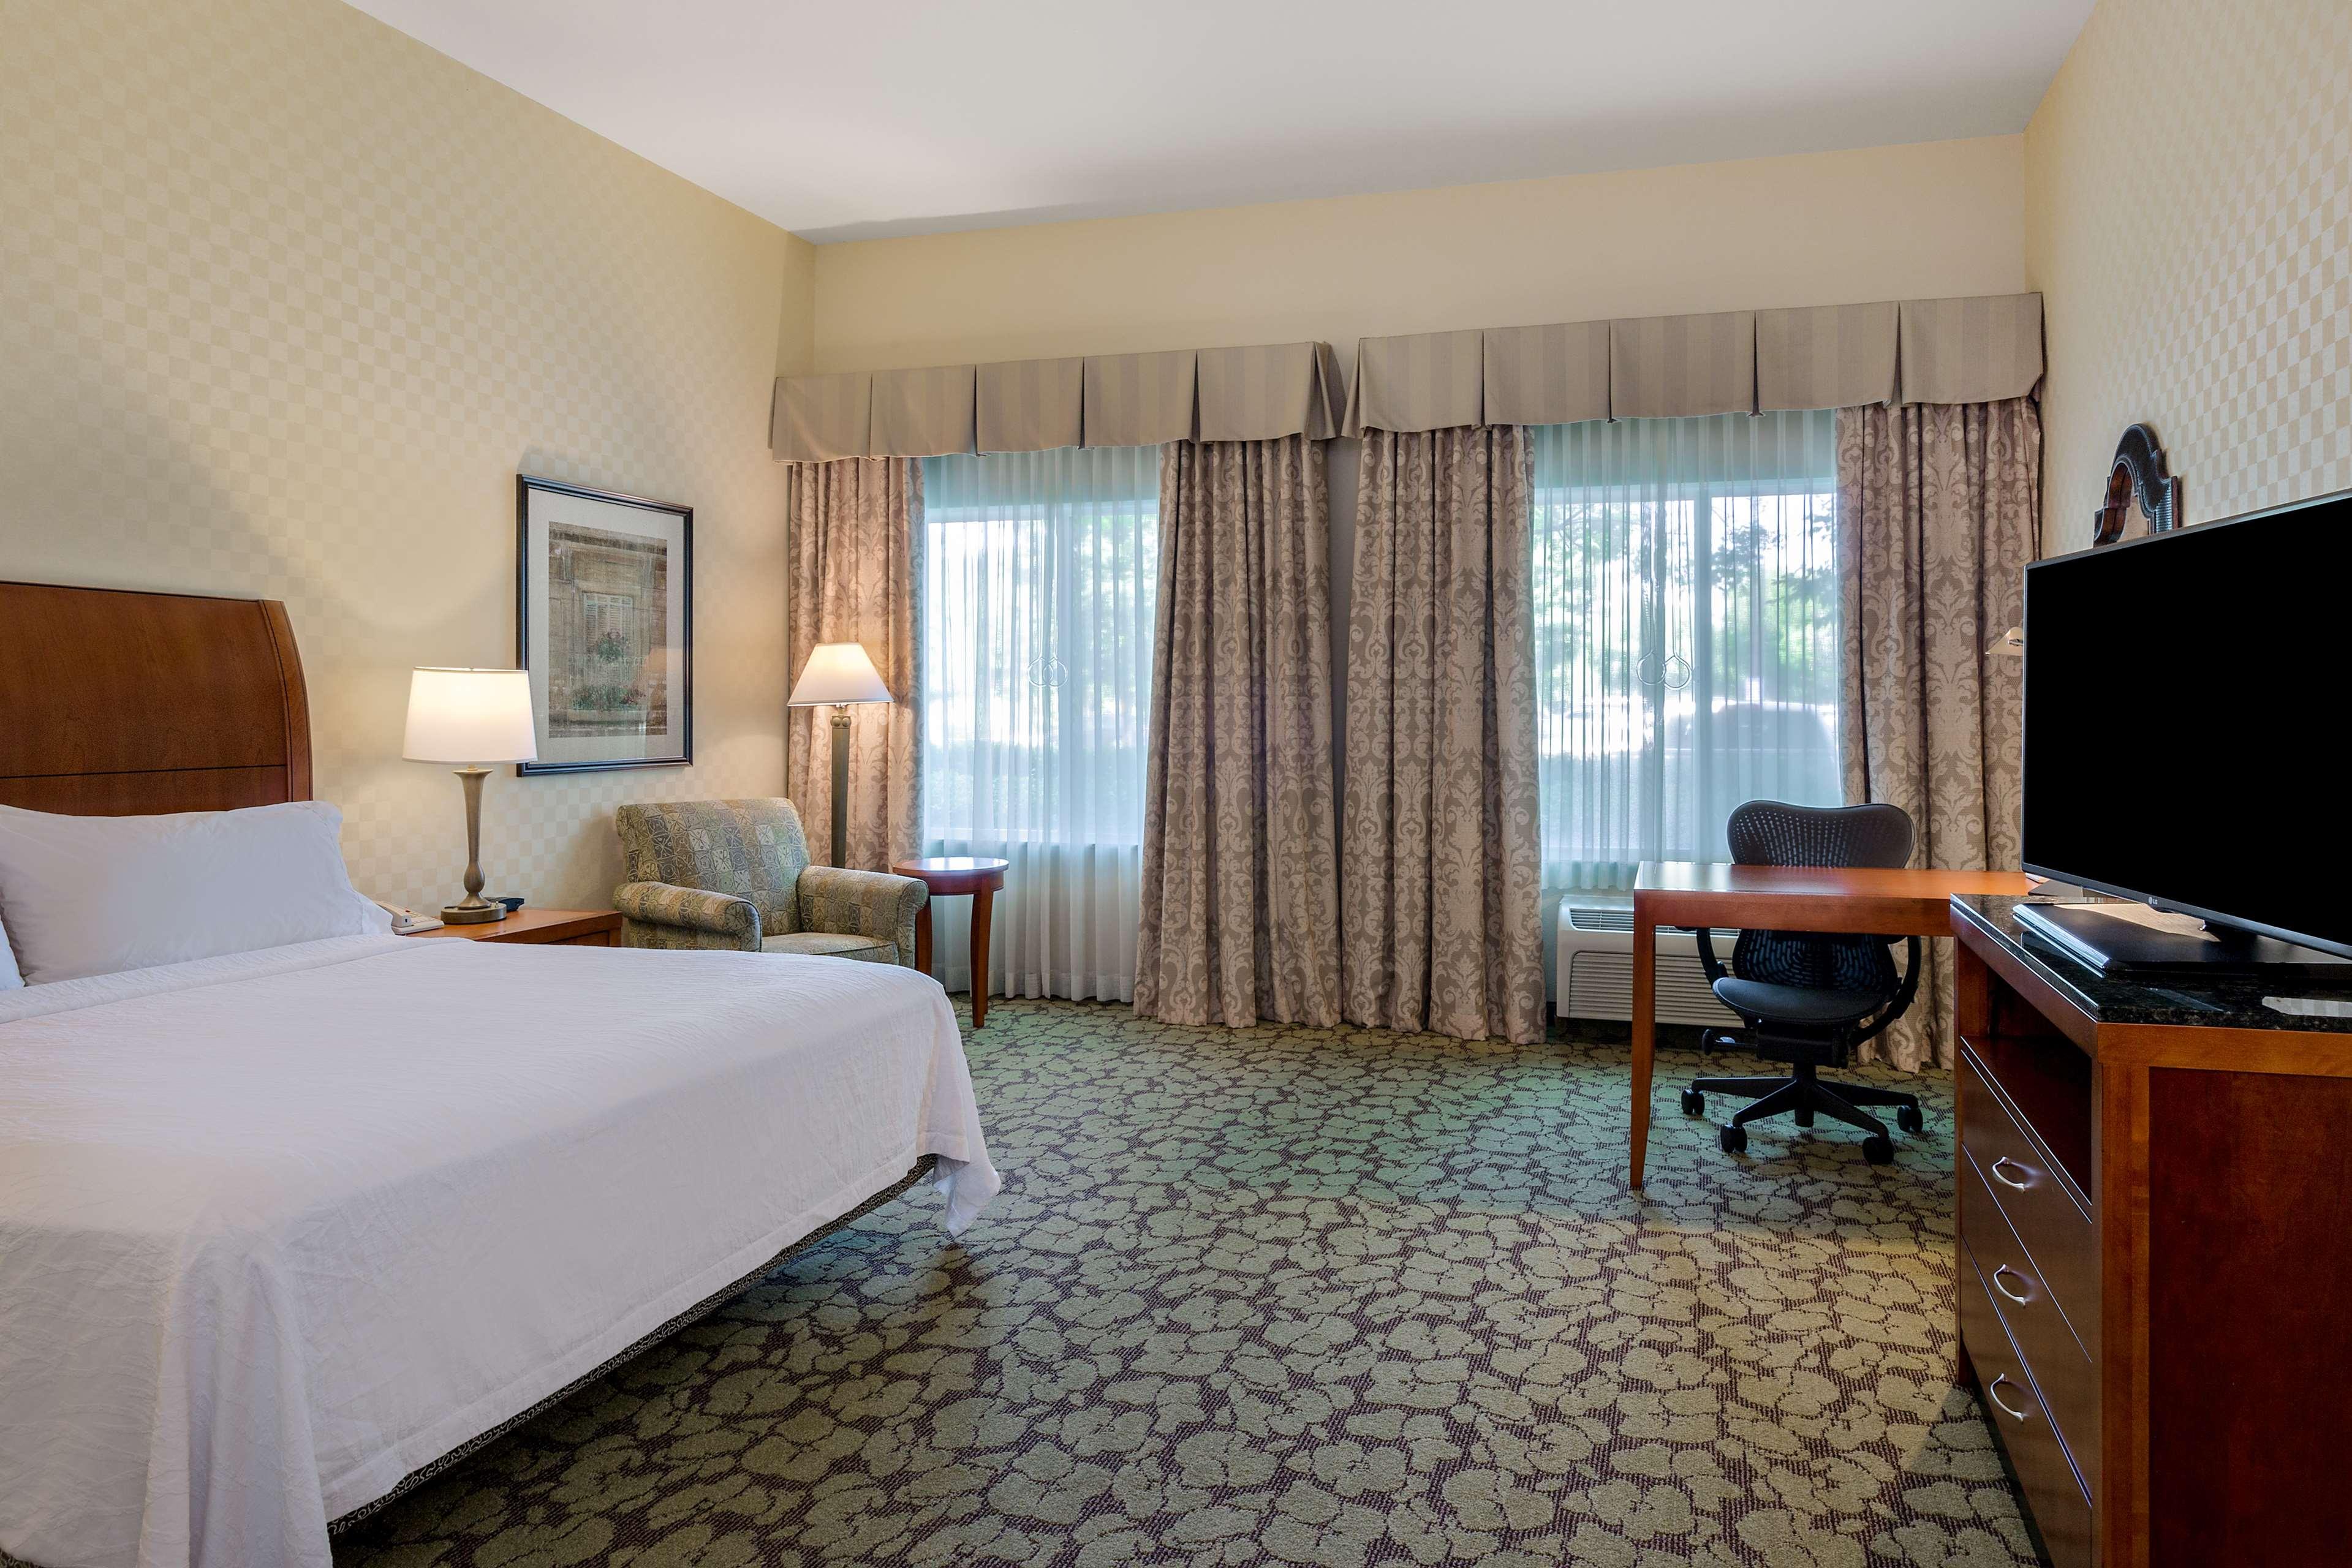 Hilton Garden Inn Sacramento Elk Grove image 16